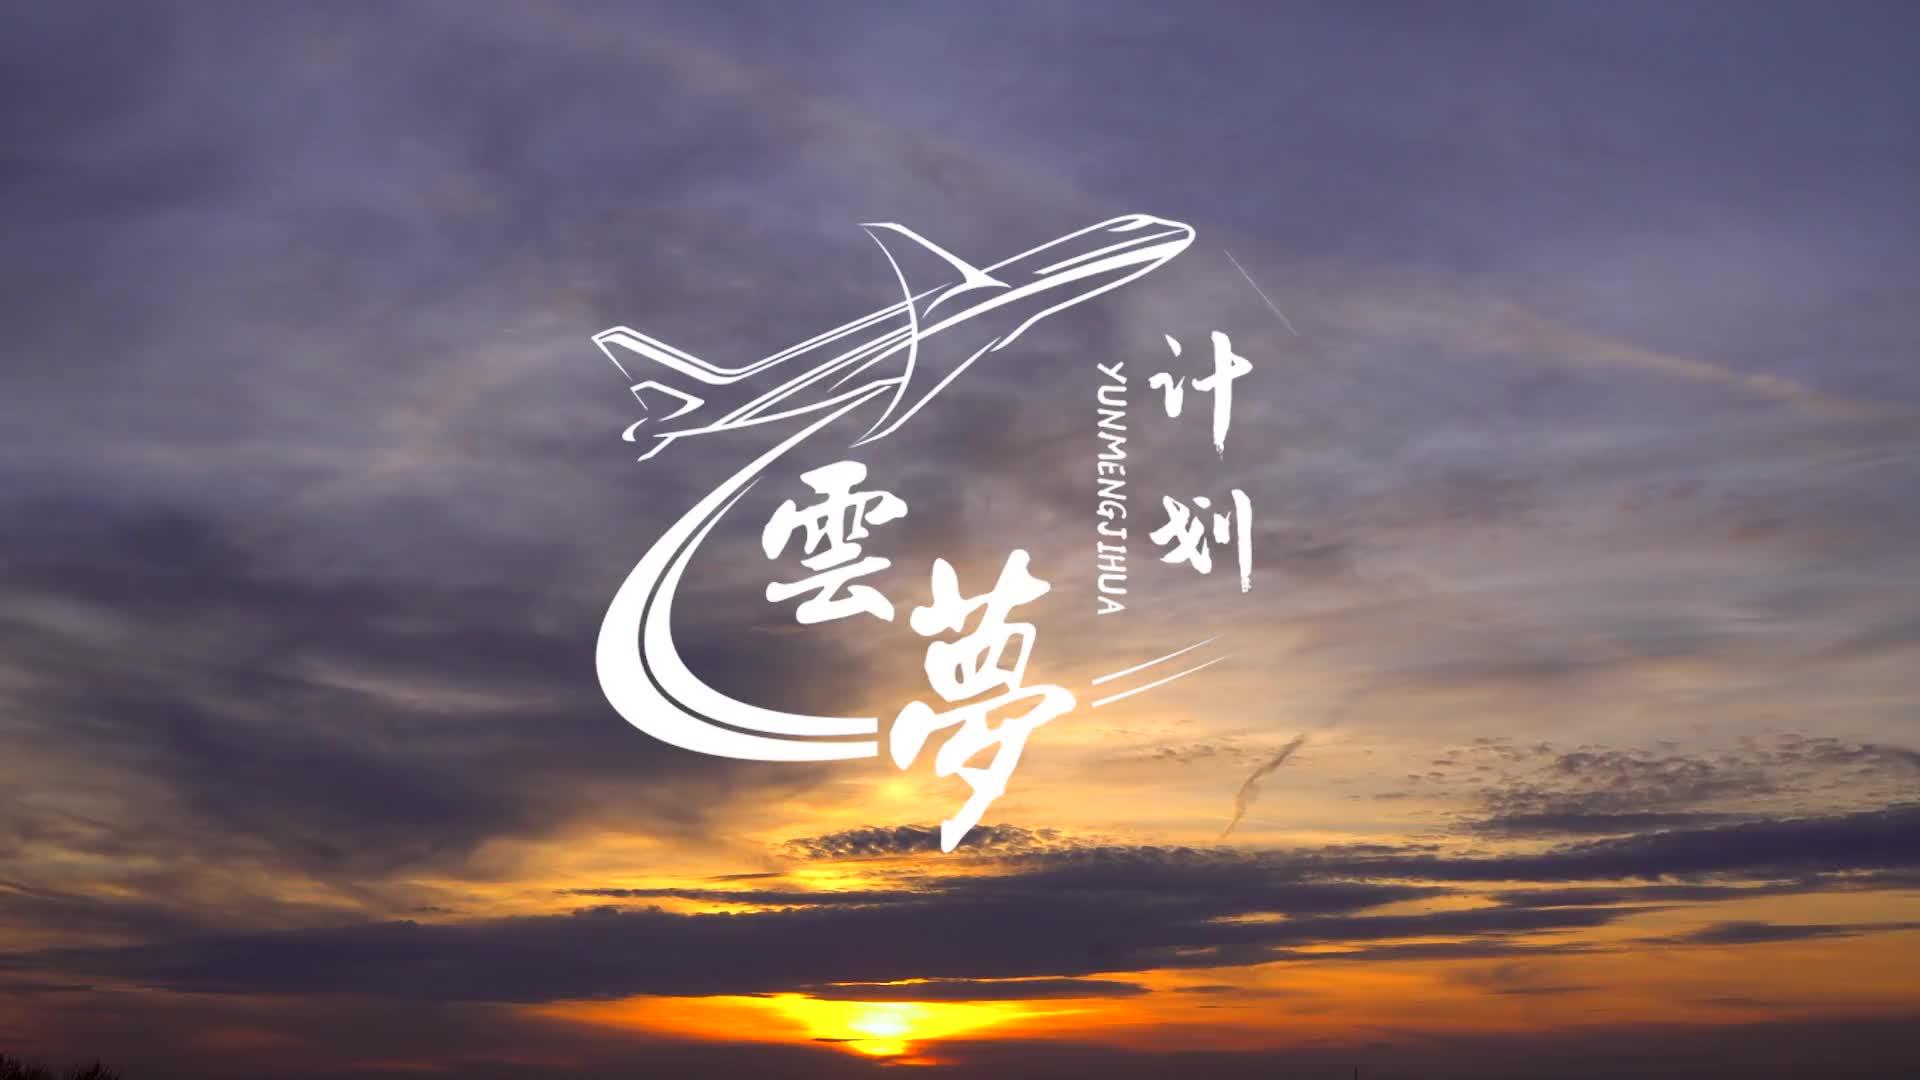 《云梦计划成片》